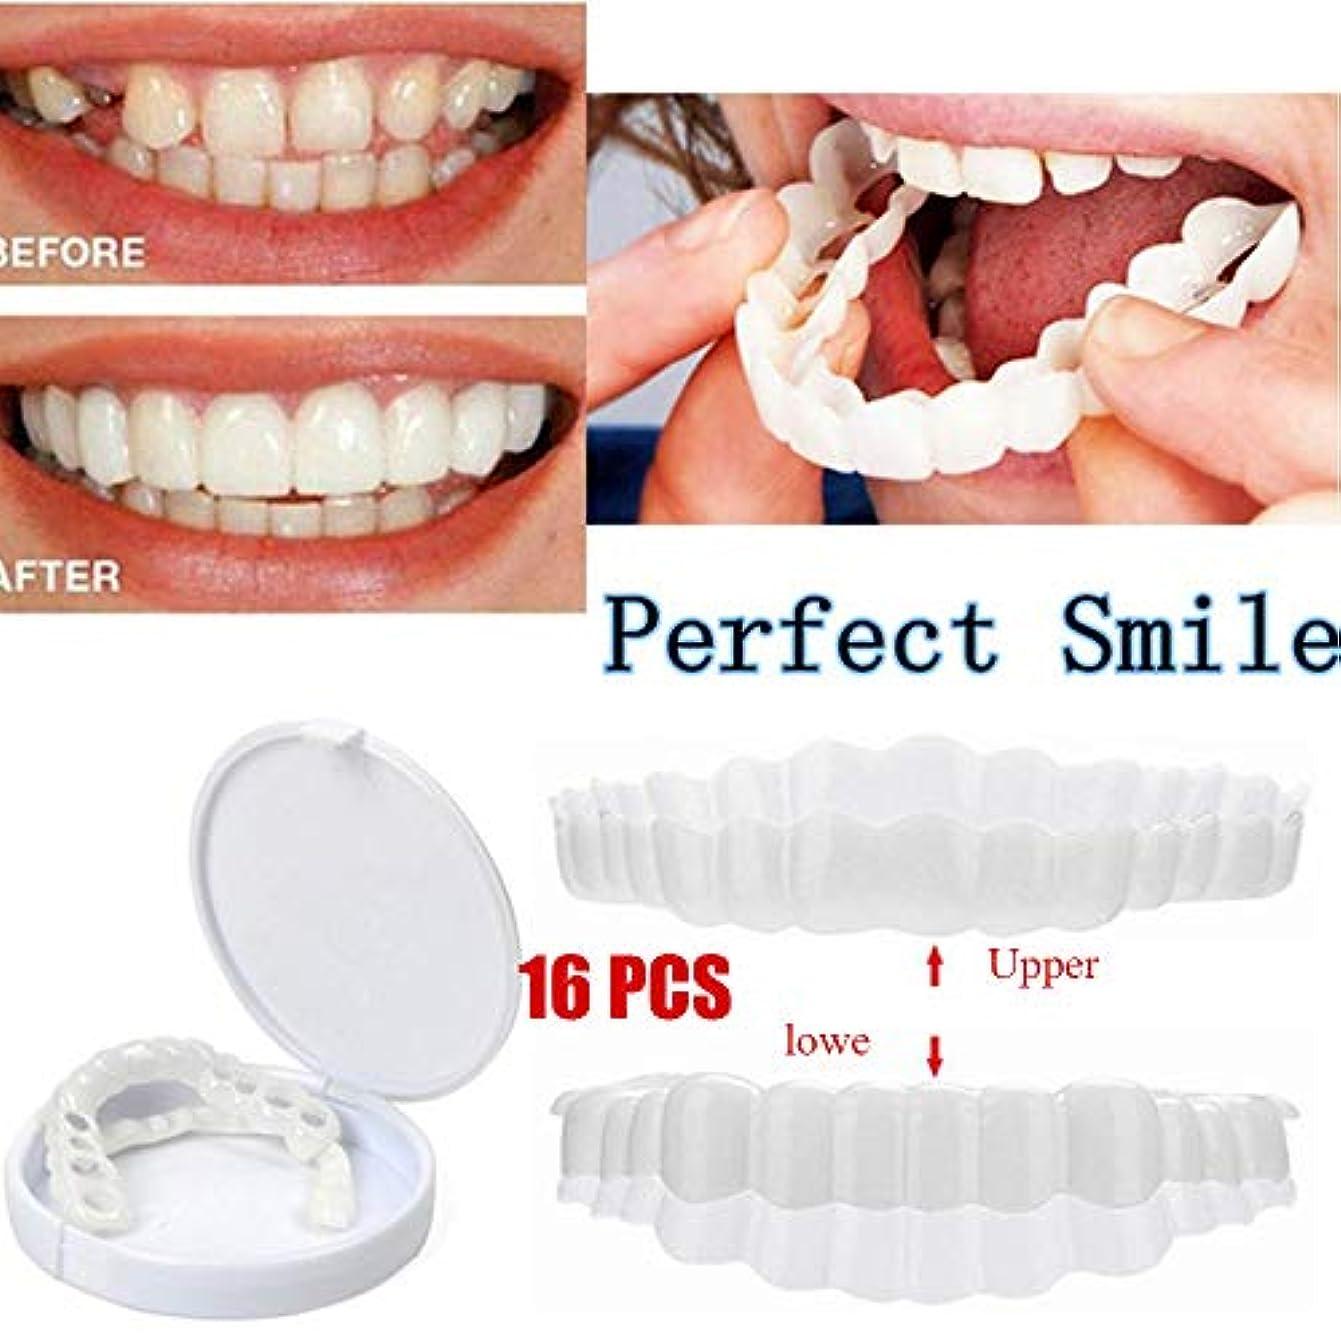 キリストセメント有罪義歯のスマイルホワイトニングと弾性ケアに最適な、大人用の新しい上下の義歯16個の再使用可能なPCS(上部+下部)